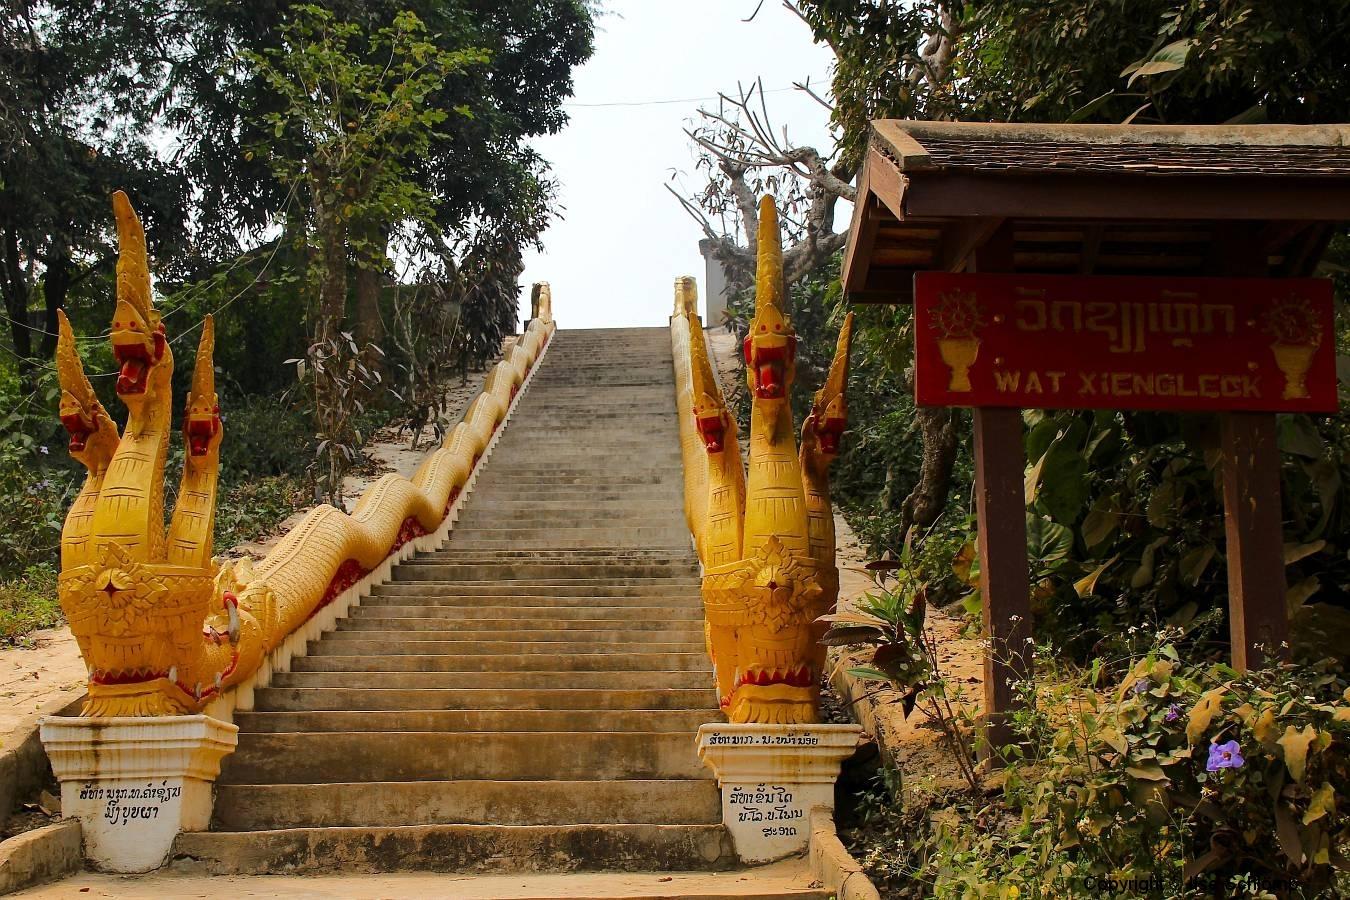 Laos, Xang Khong Posa Village, Wat Xiengleck